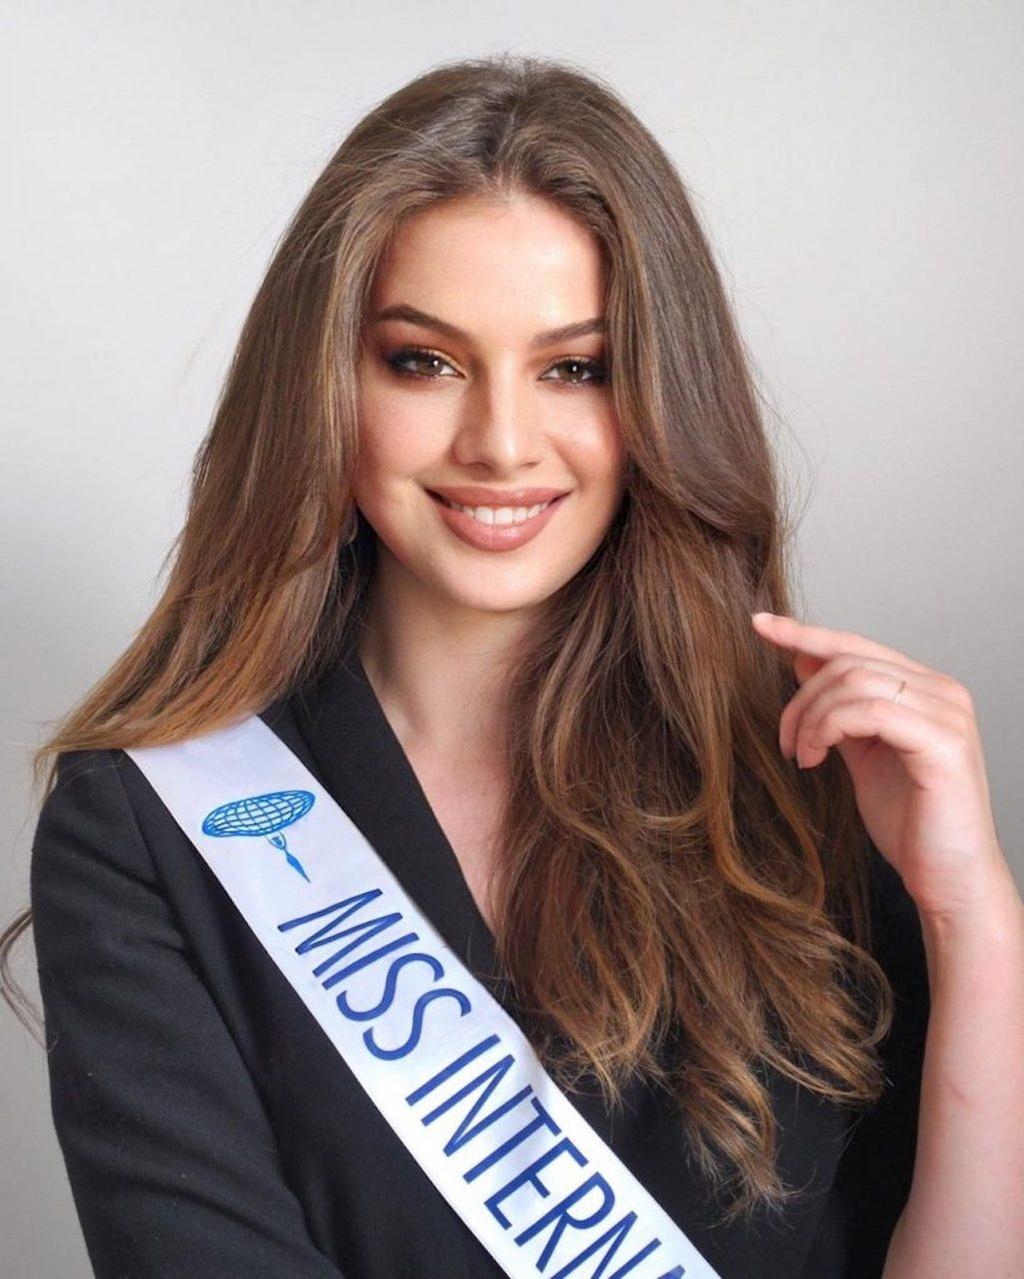 Nhan sắc quyến rũ của tân Hoa hậu Quốc tế Pháp - ảnh 1